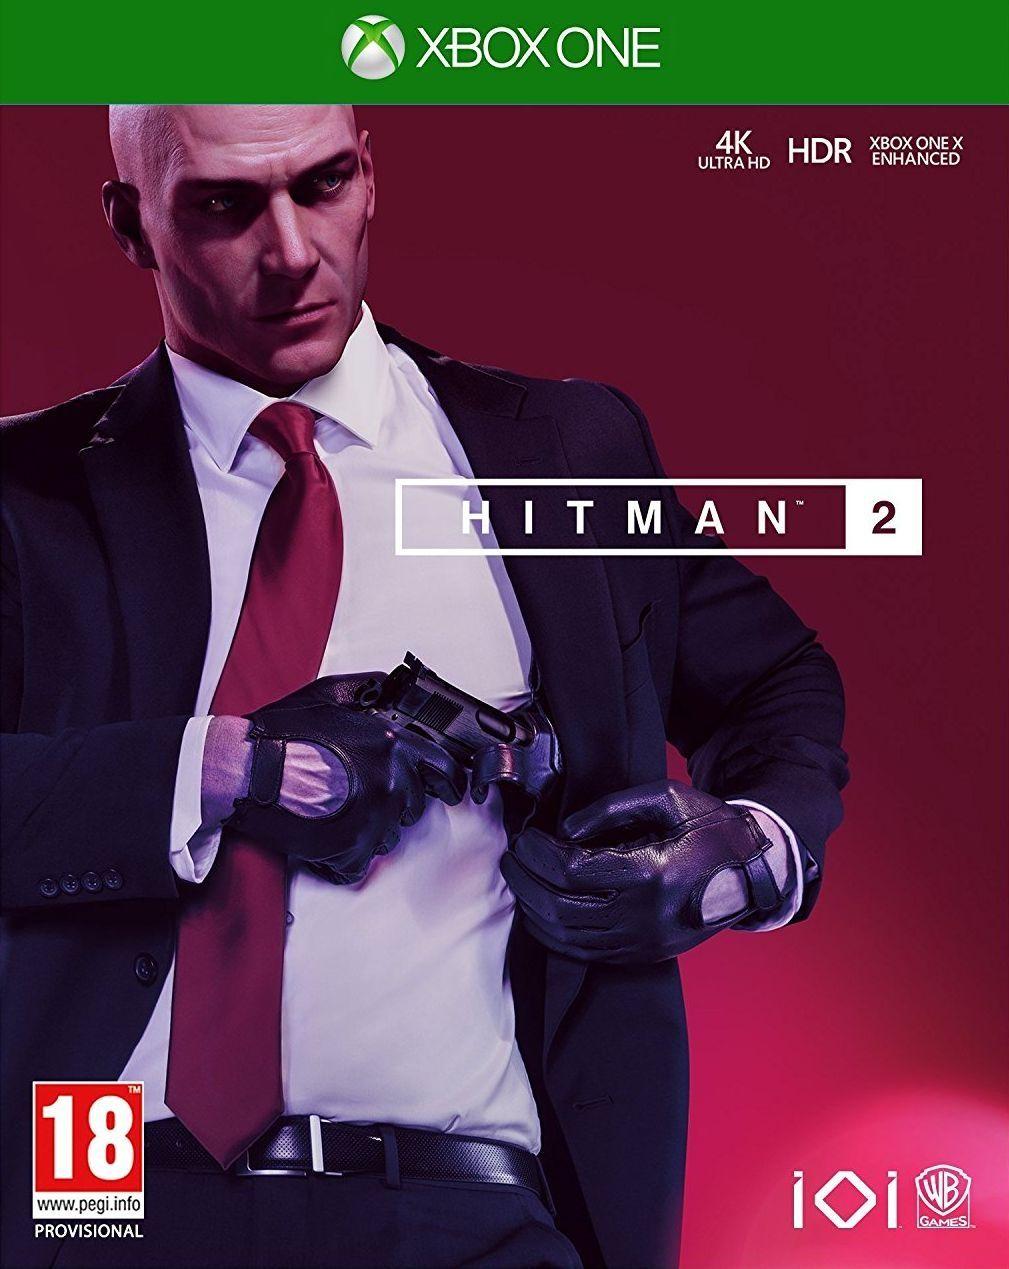 Hitman 2 (Xbox One) - 1